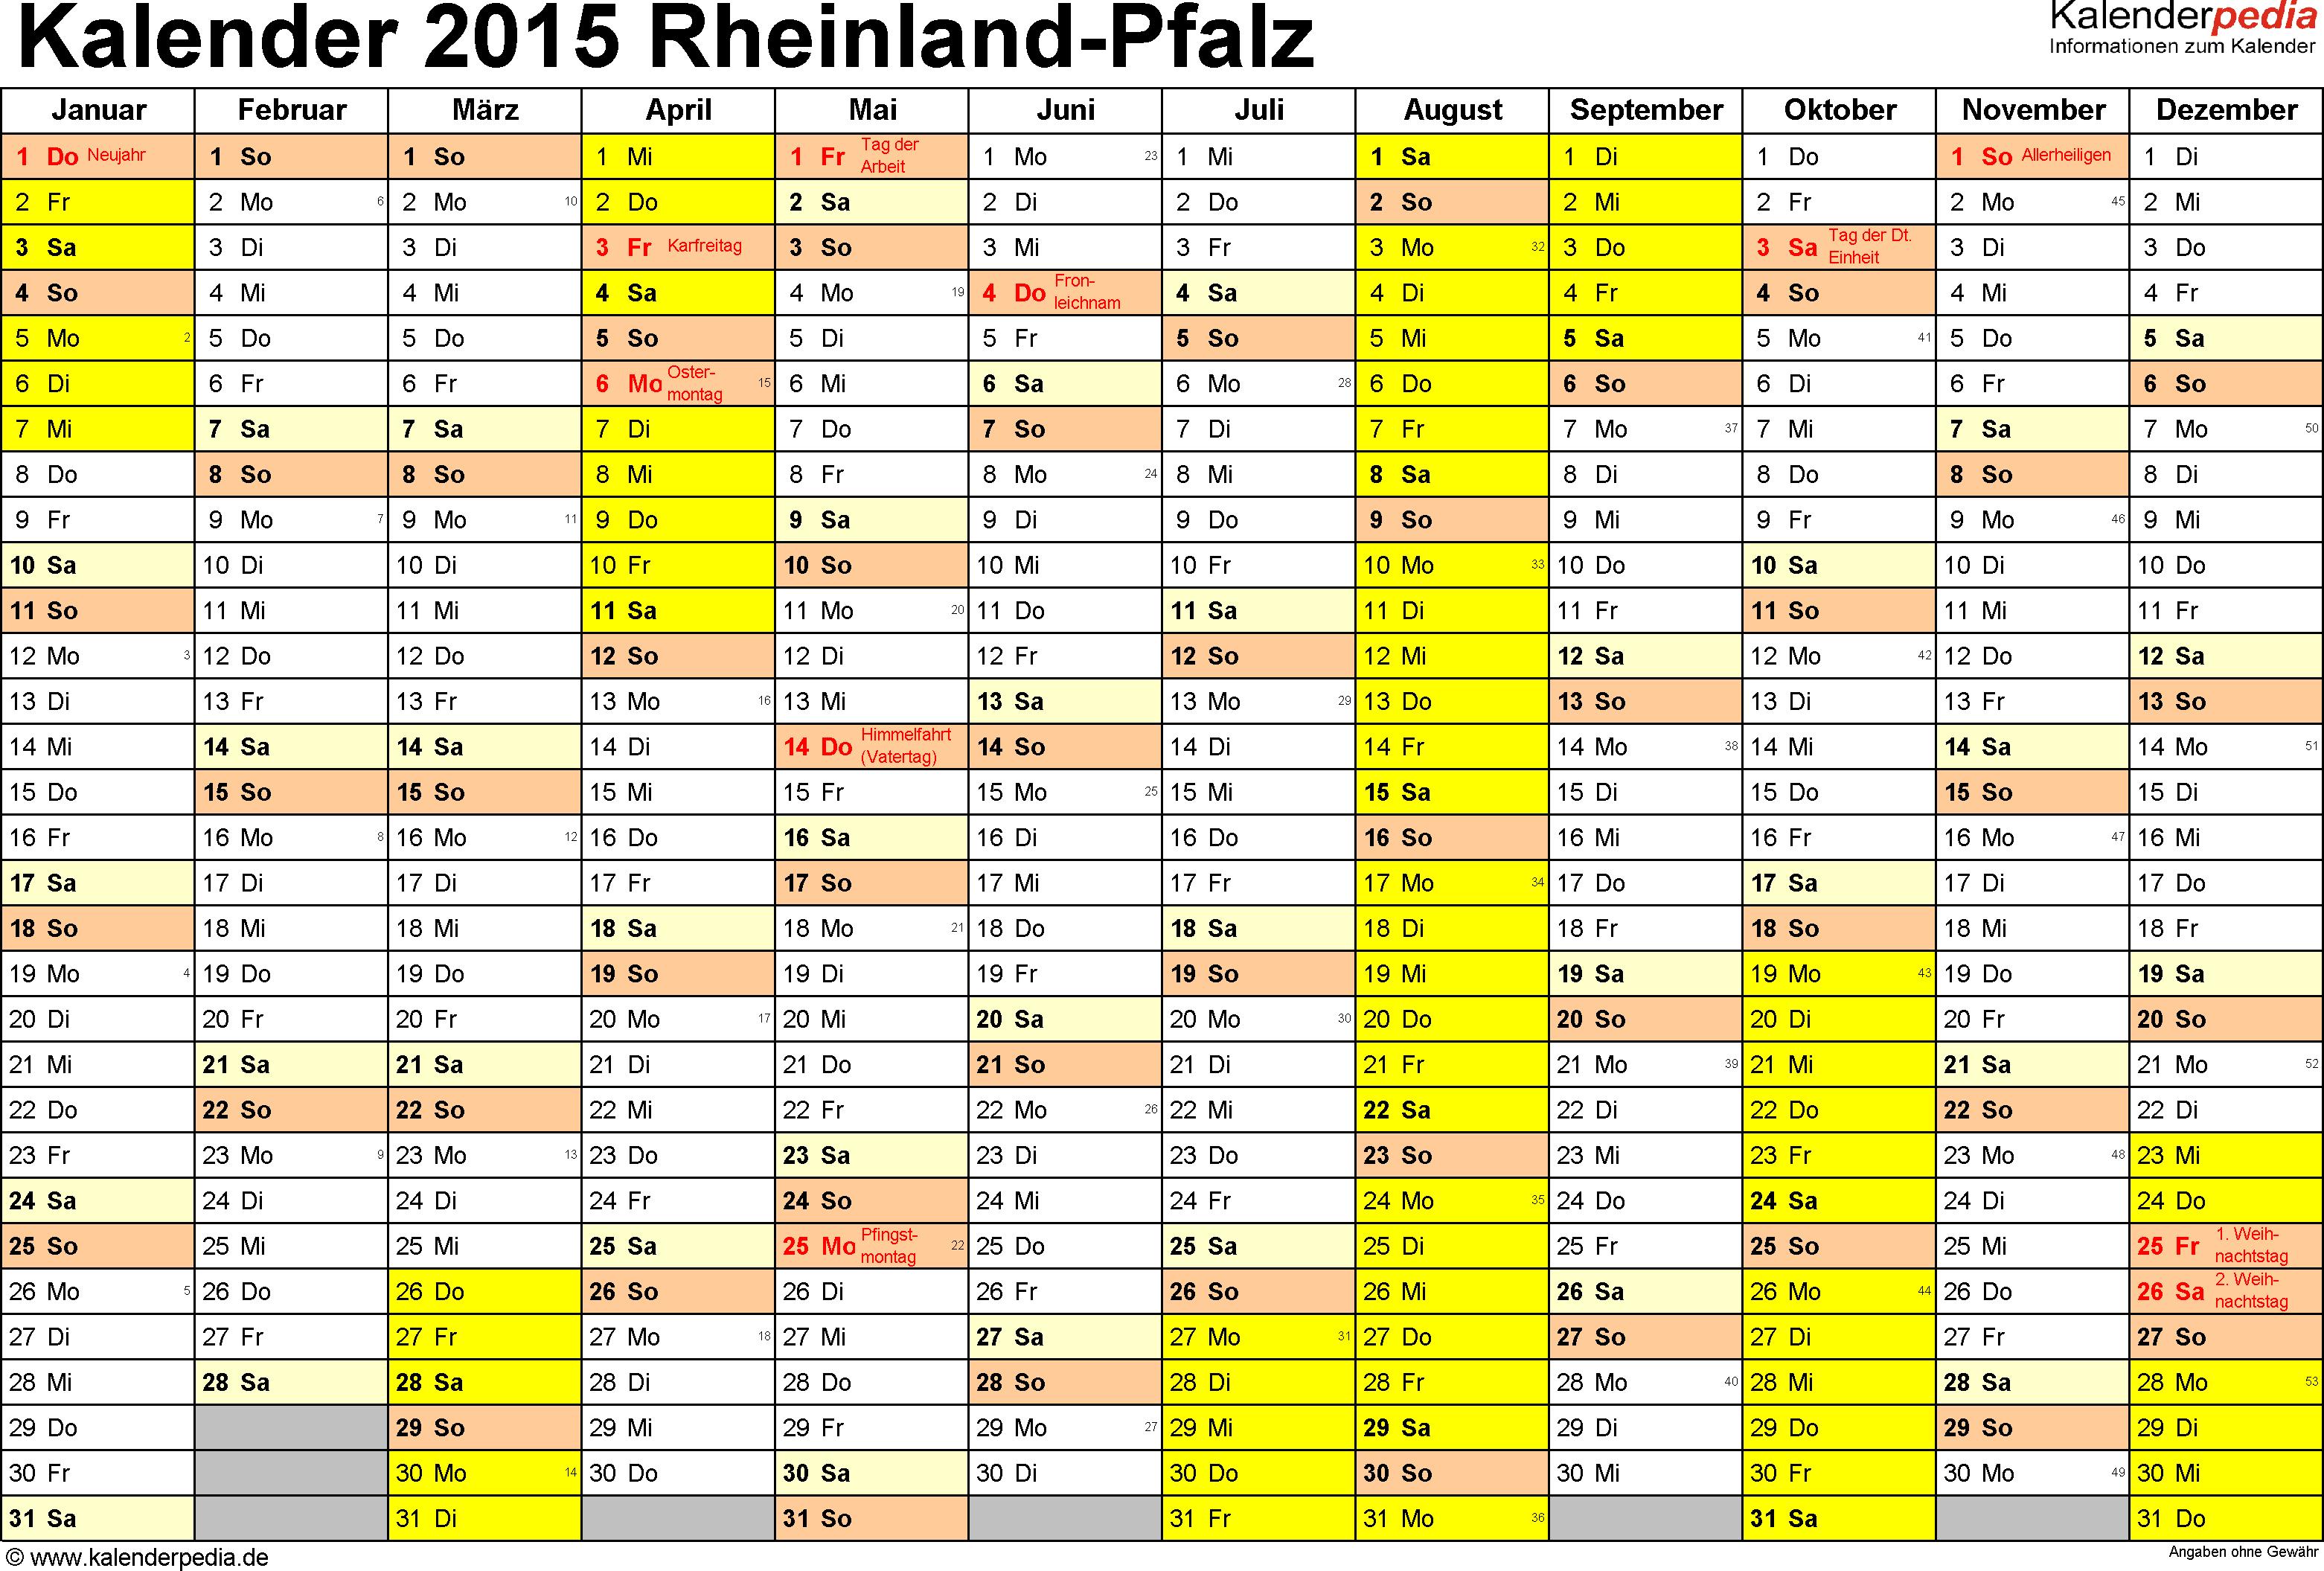 FERIEN Rheinland-Pfalz 2017 - Ferienkalender & Übersicht